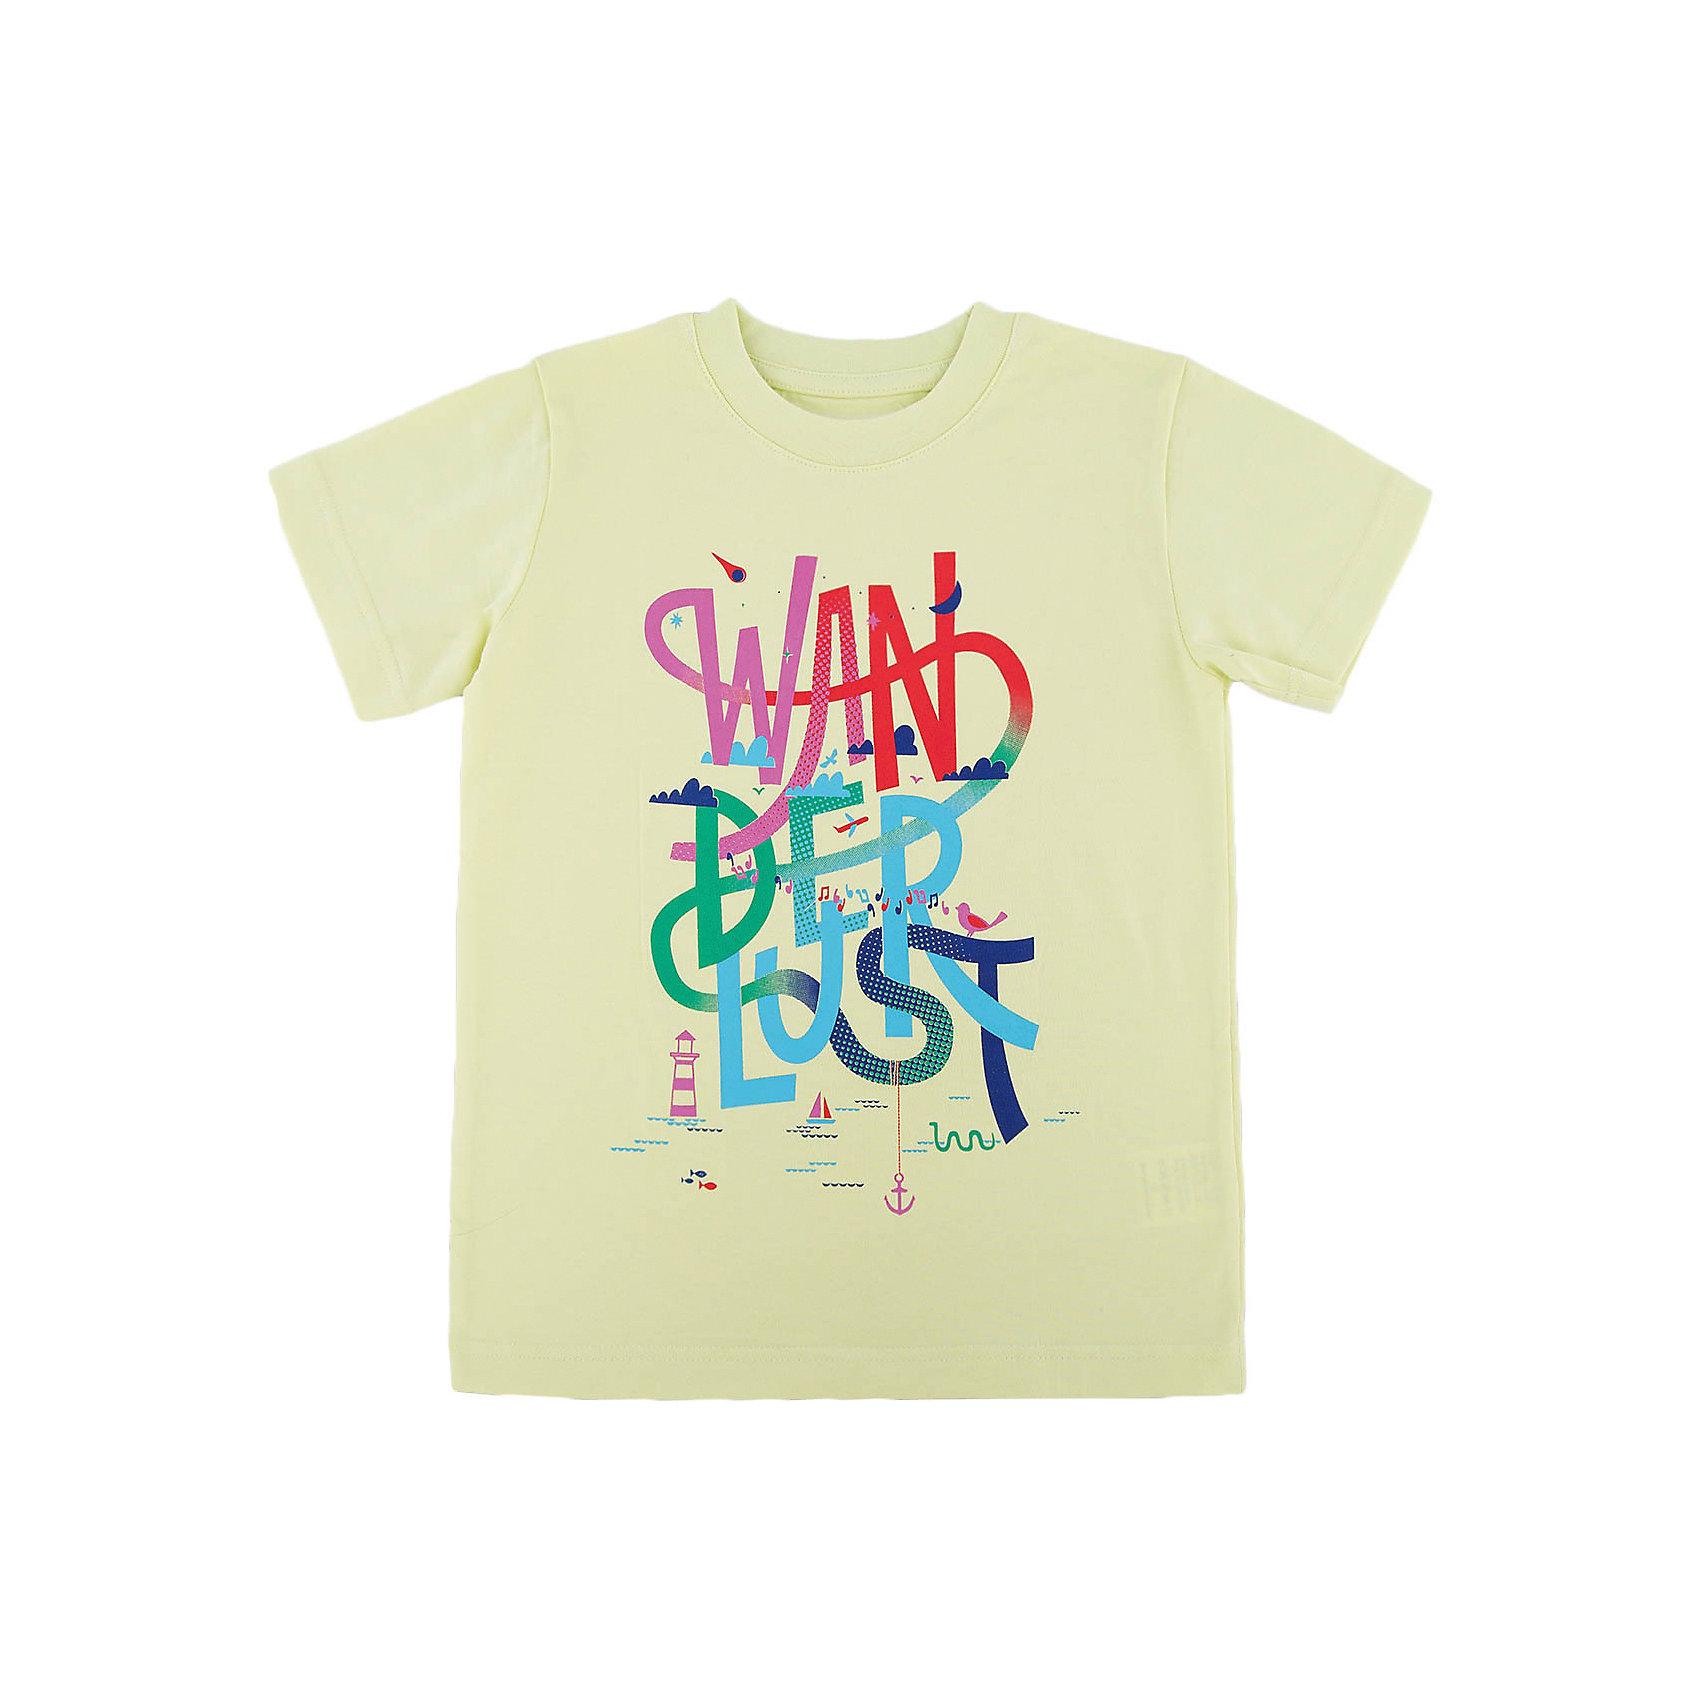 Футболка для мальчика WOWФутболки, поло и топы<br>Футболка для мальчика WOW<br>Незаменимой вещью в  гардеробе послужит футболка с коротким рукавом. Стильная и в тоже время комфортная модель, с яркой оригинальной печатью, будет превосходно смотреться на ребенке.<br>Состав:<br>кулирная гладь 100% хлопок<br><br>Ширина мм: 199<br>Глубина мм: 10<br>Высота мм: 161<br>Вес г: 151<br>Цвет: зеленый<br>Возраст от месяцев: 72<br>Возраст до месяцев: 84<br>Пол: Мужской<br>Возраст: Детский<br>Размер: 122,98,104,110,116<br>SKU: 6871551